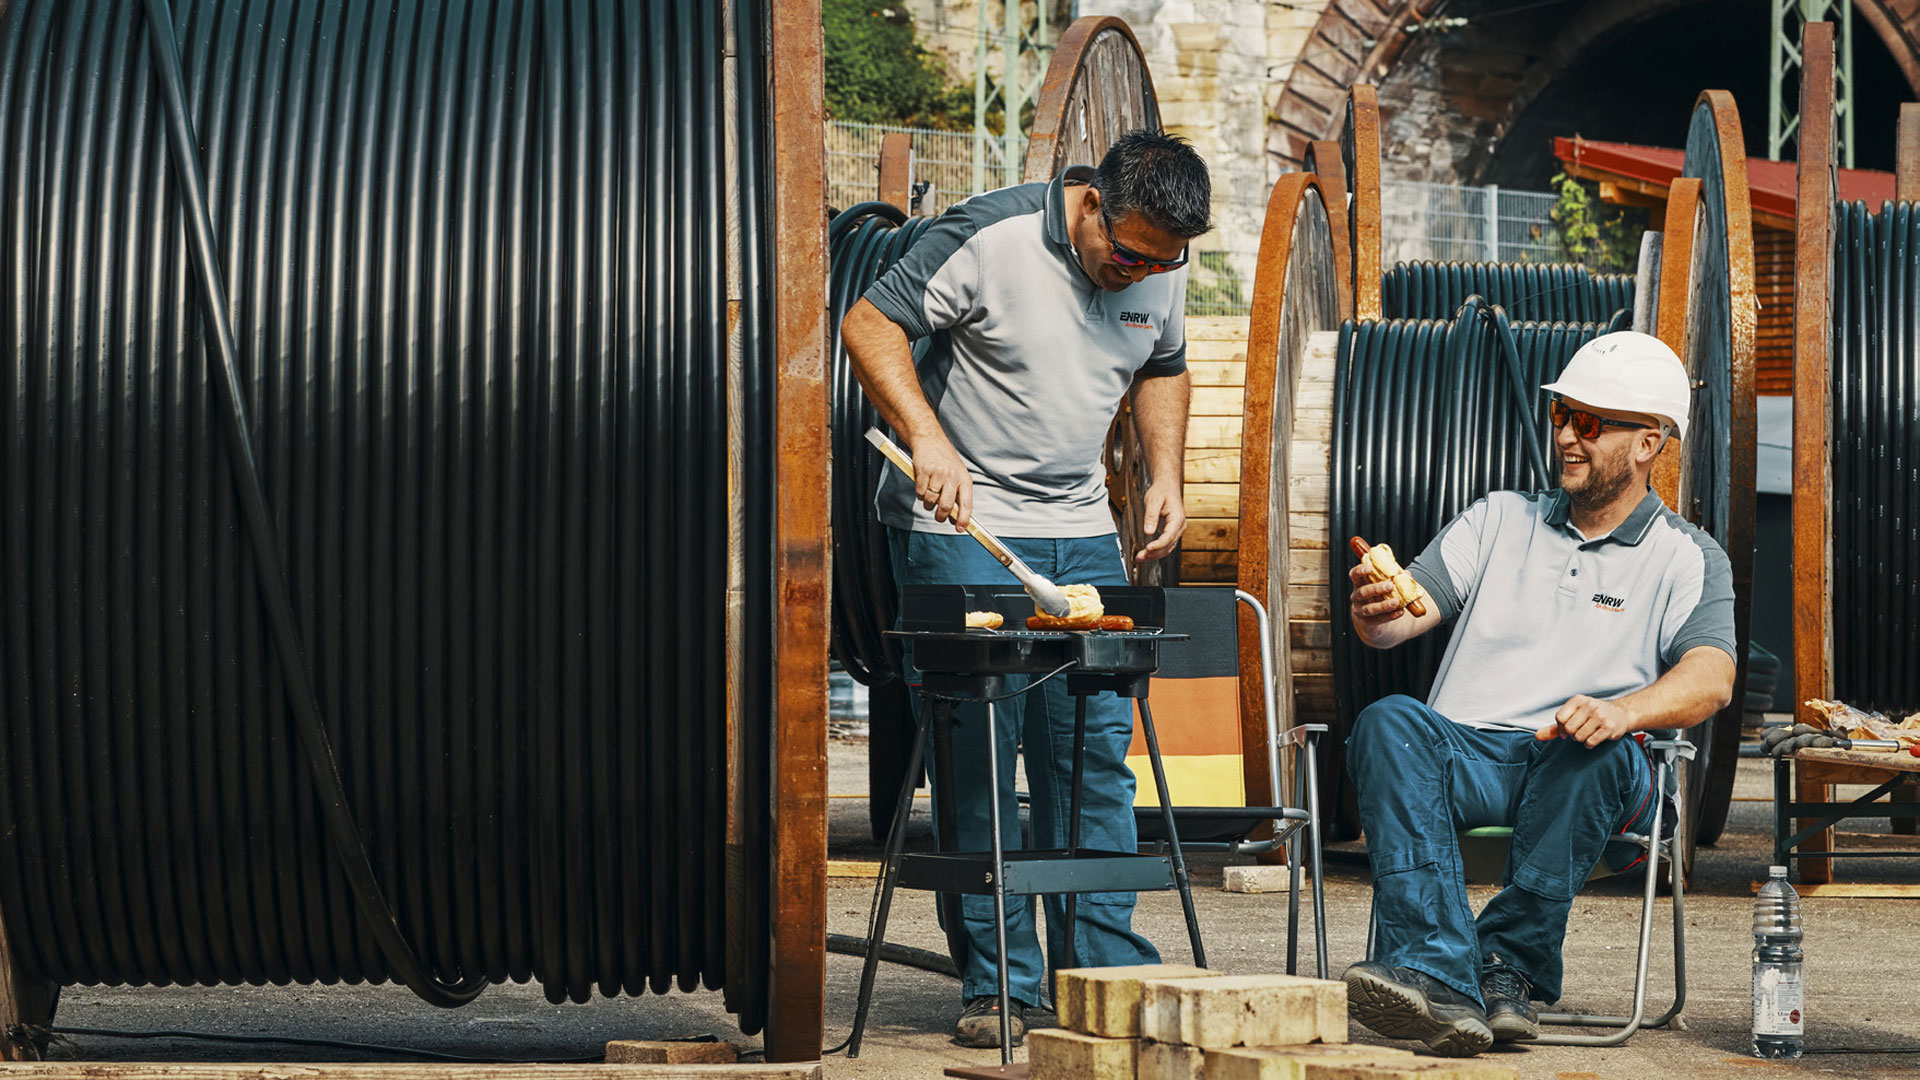 Zwei Männer grillen zwischen großen aufgerollten Leitungen